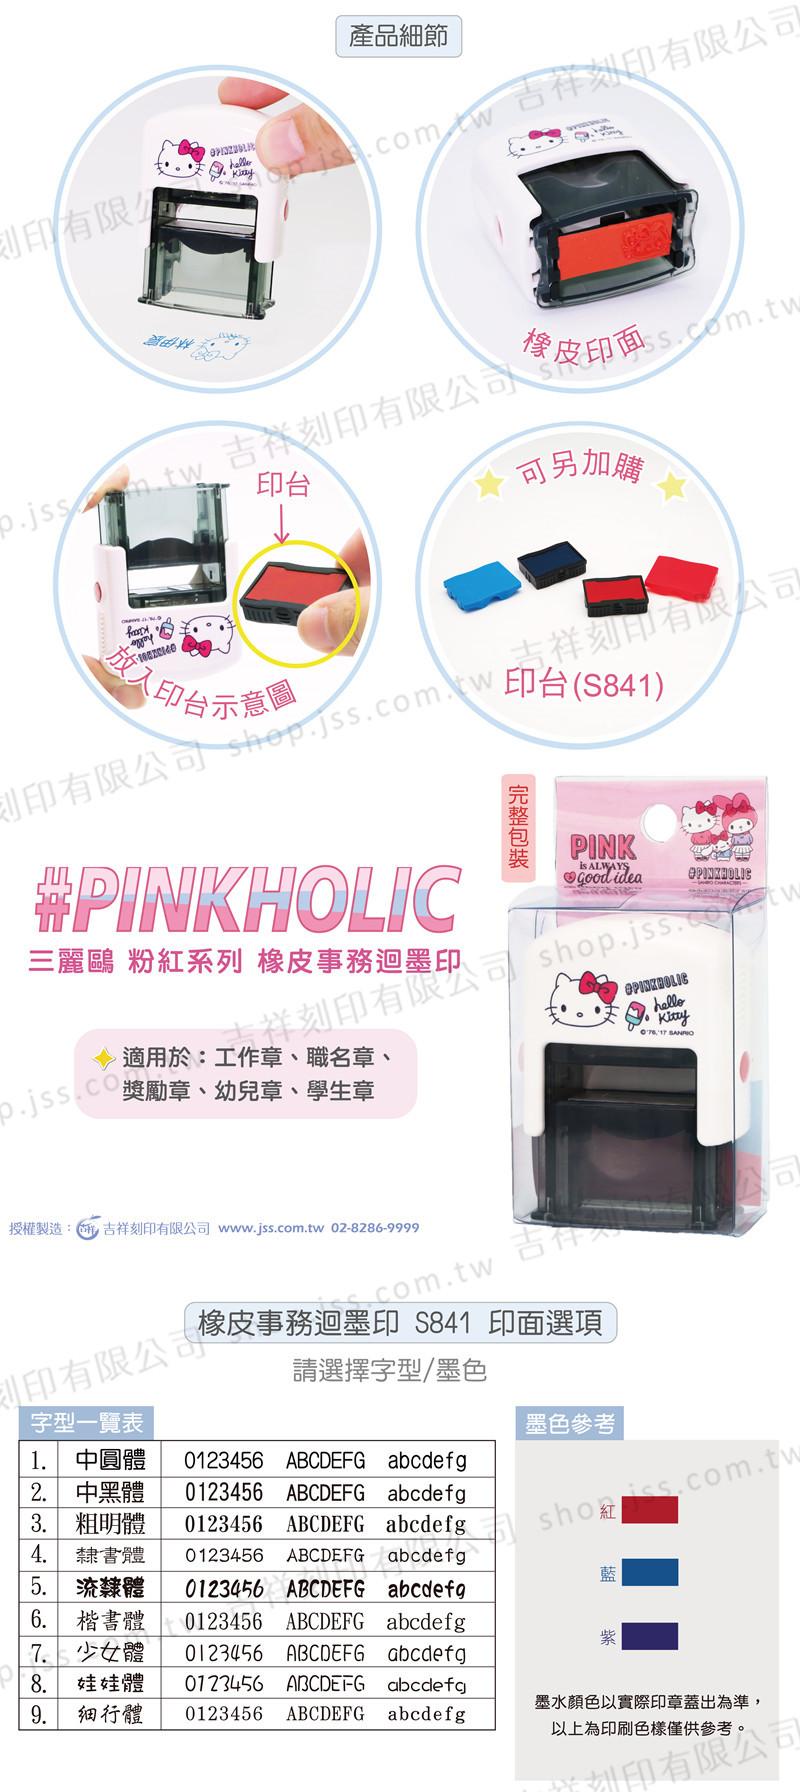 三麗鷗 粉紅系列 PINKHOLIC 橡皮事務迴墨印章